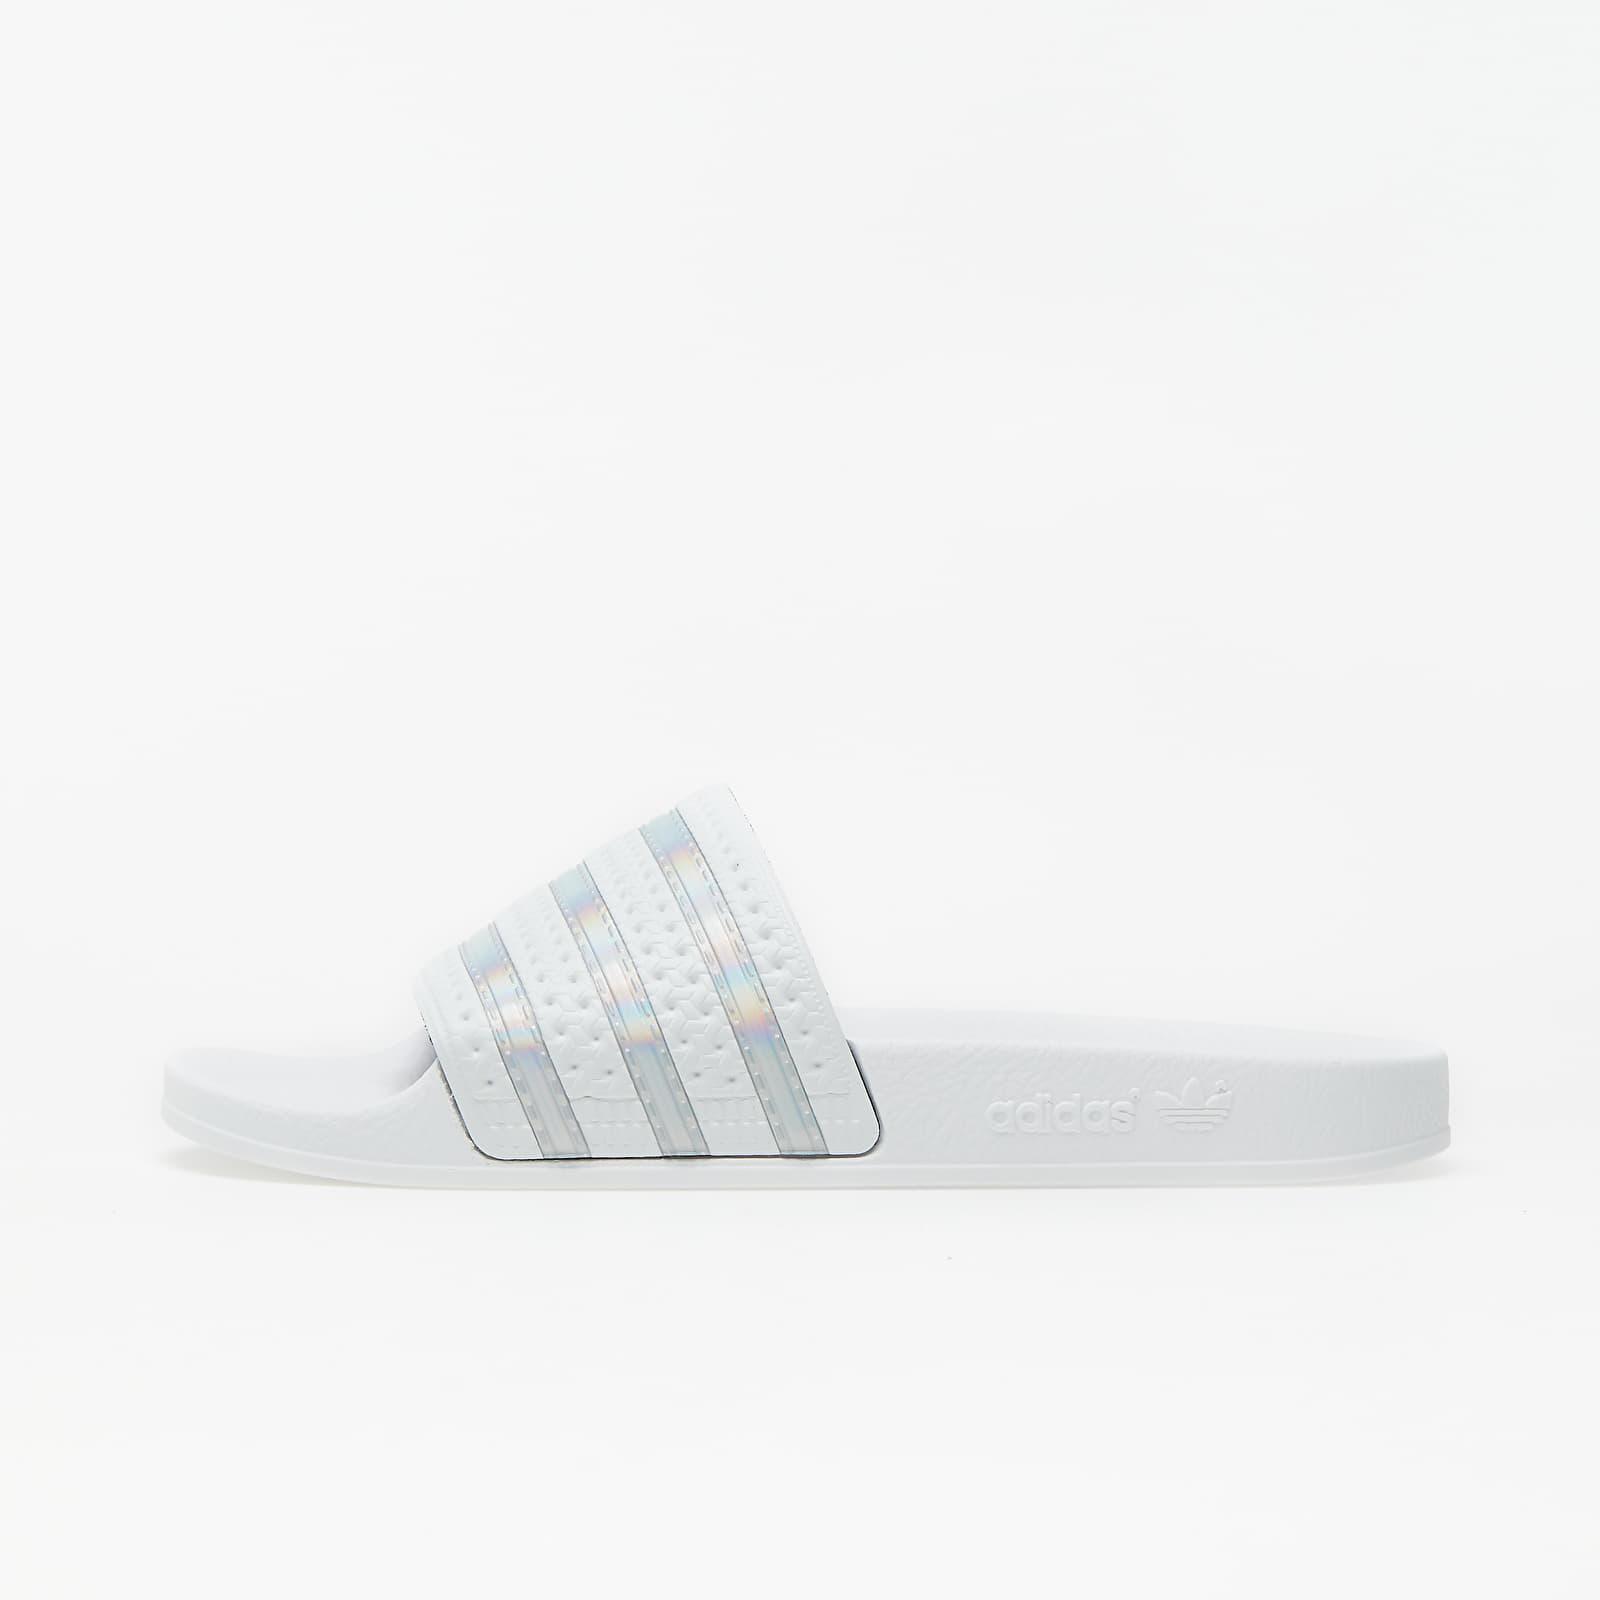 adidas Adilette W Crystal White/ Ftw White/ Crystal White EUR 38